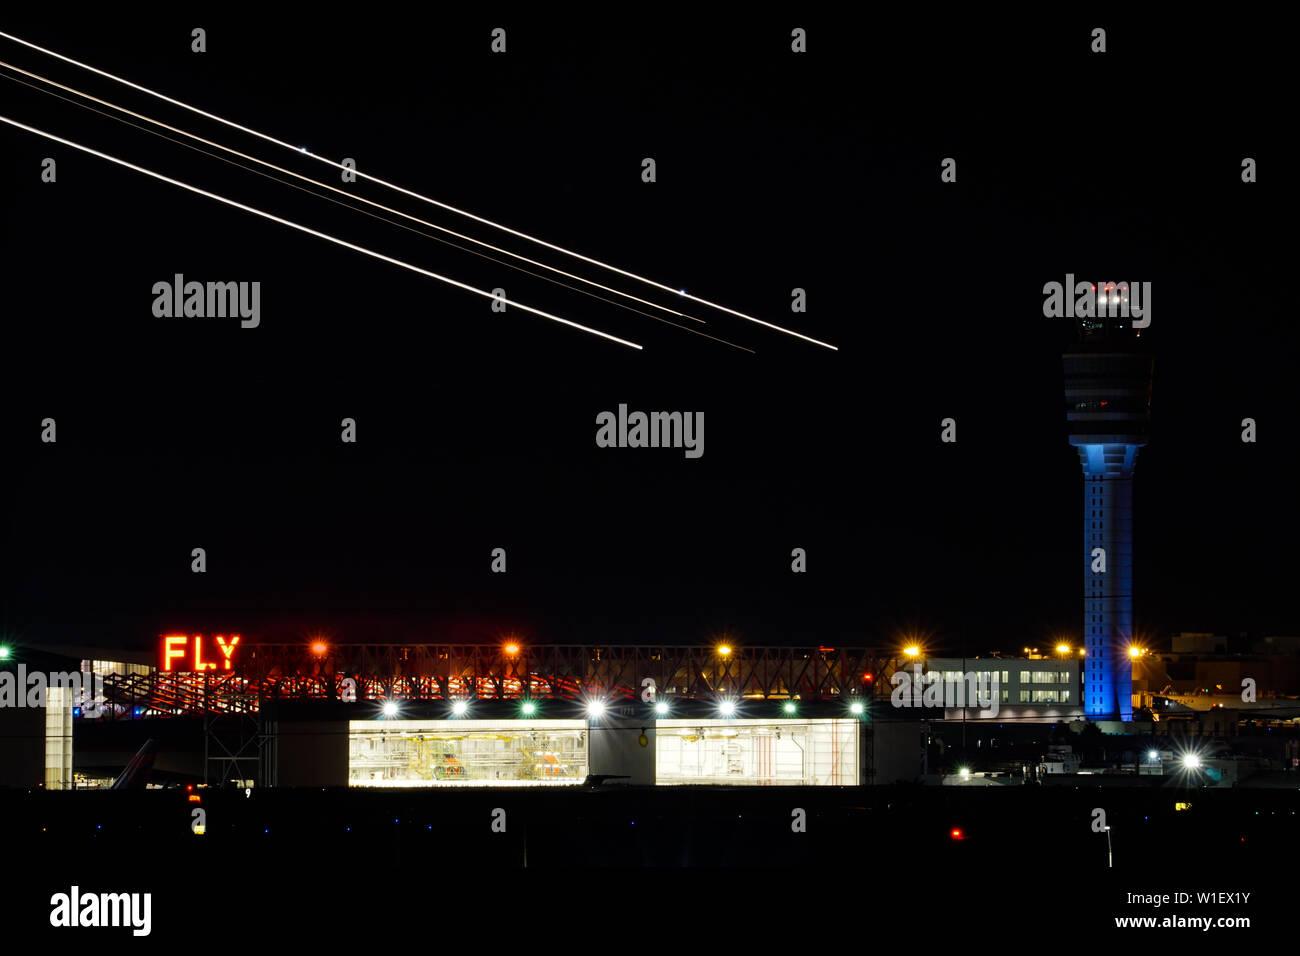 Atlanta, GA, EE.UU. / : 27. Mayo, 2015 - vista nocturno del aeropuerto internacional de Atlanta con el control del tráfico aéreo y las rayas de los aviones que despegan sobre Foto de stock